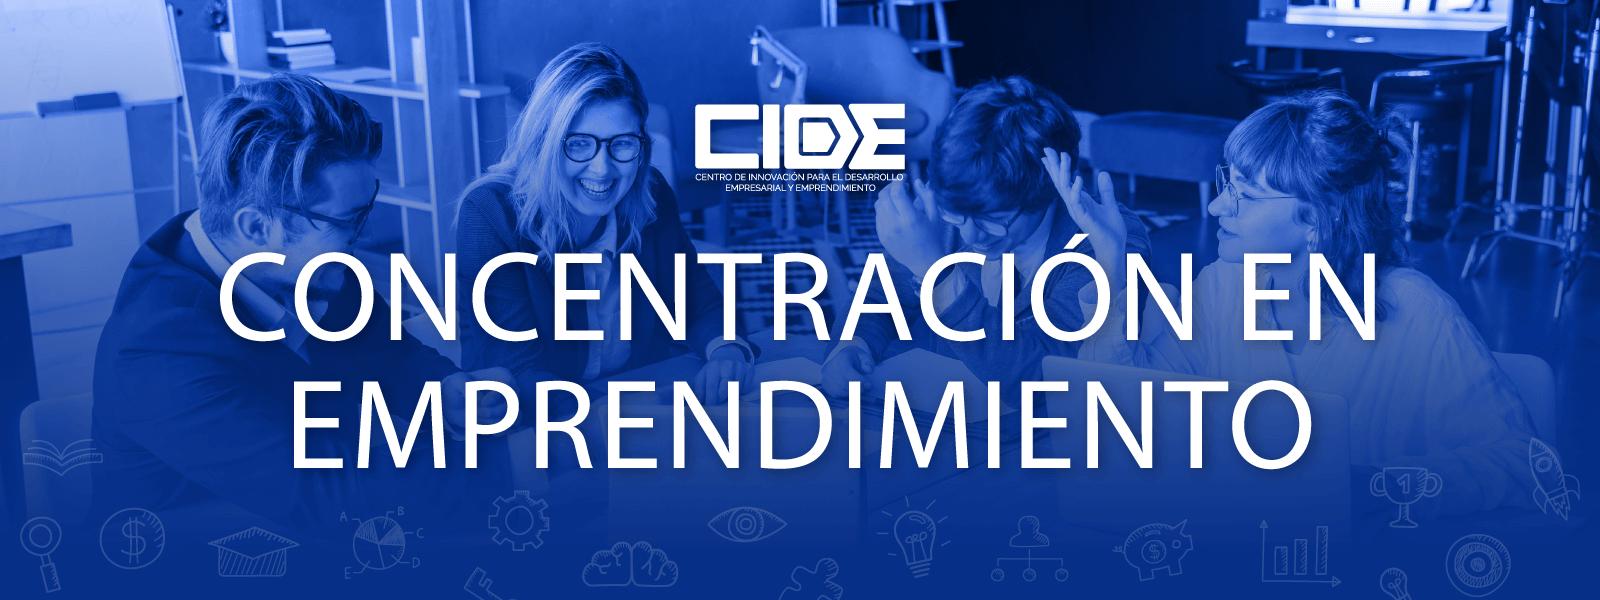 CIDE – Concentracion en emprendimiento